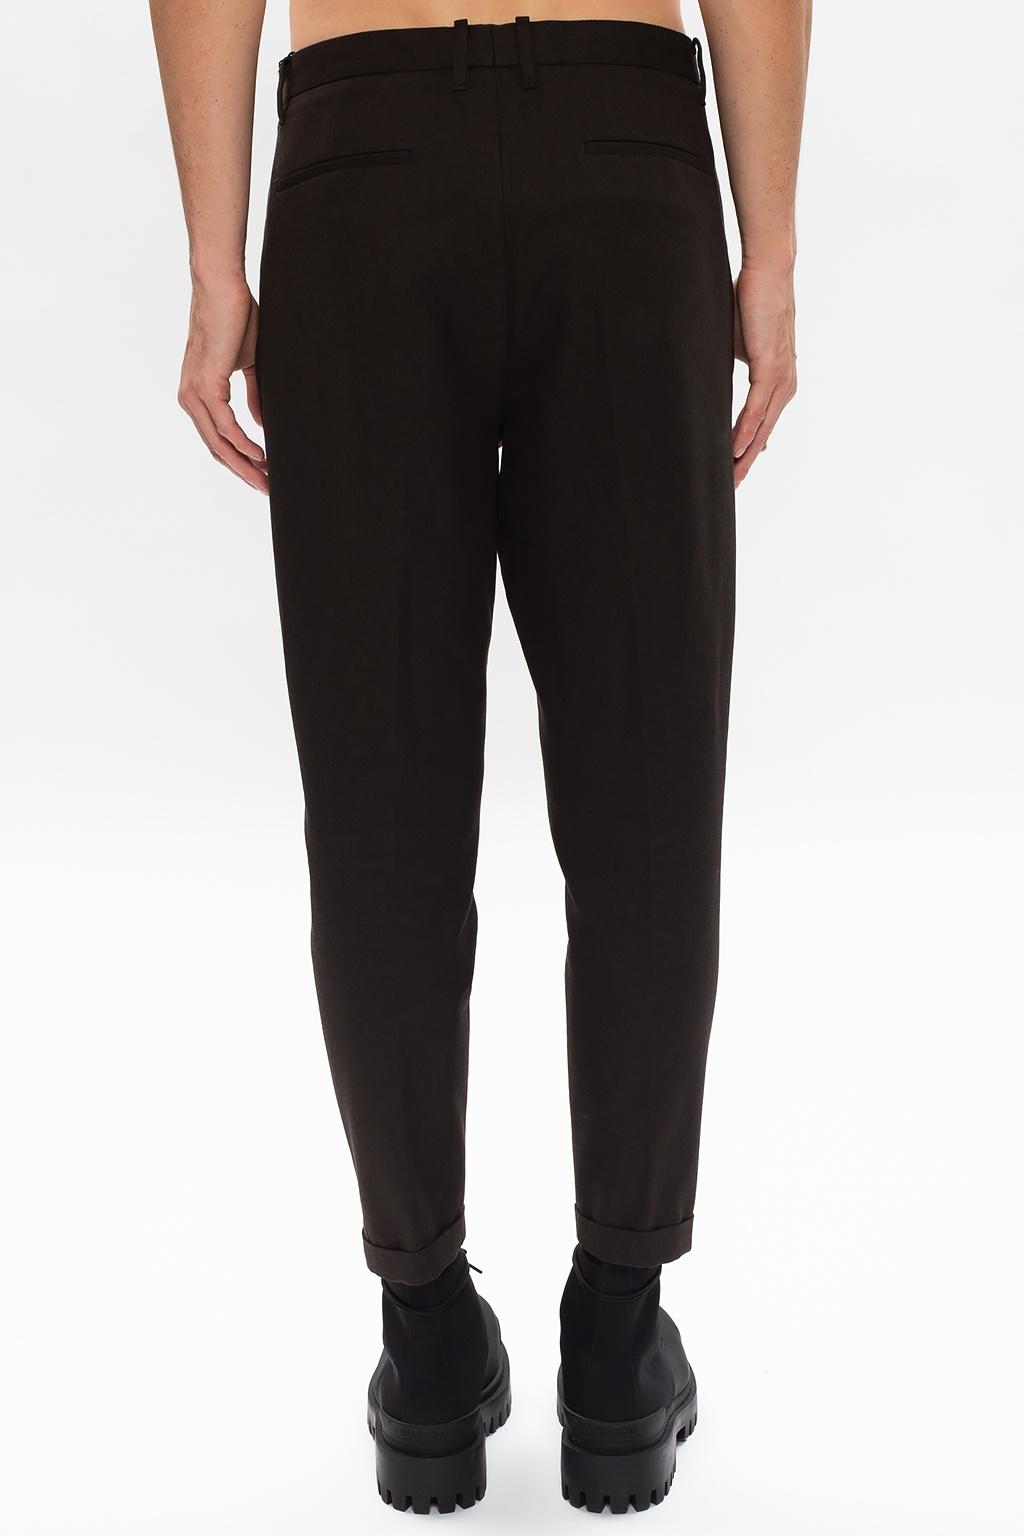 AllSaints 'Tallis' pleat-front trousers